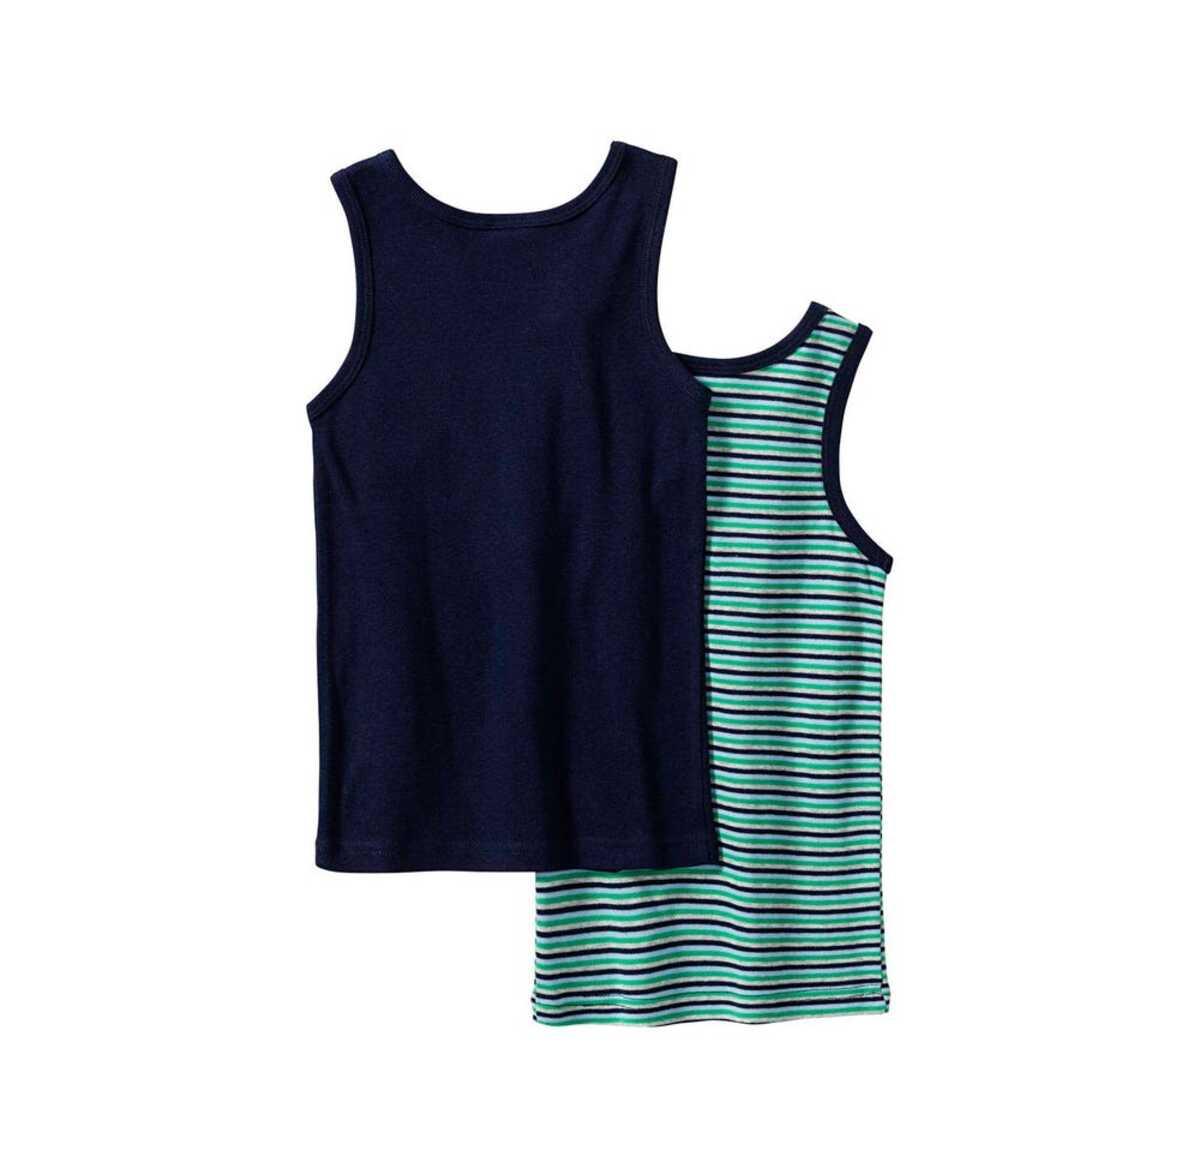 Bild 2 von Jungen-Unterhemd aus reiner Baumwolle, 2er Pack